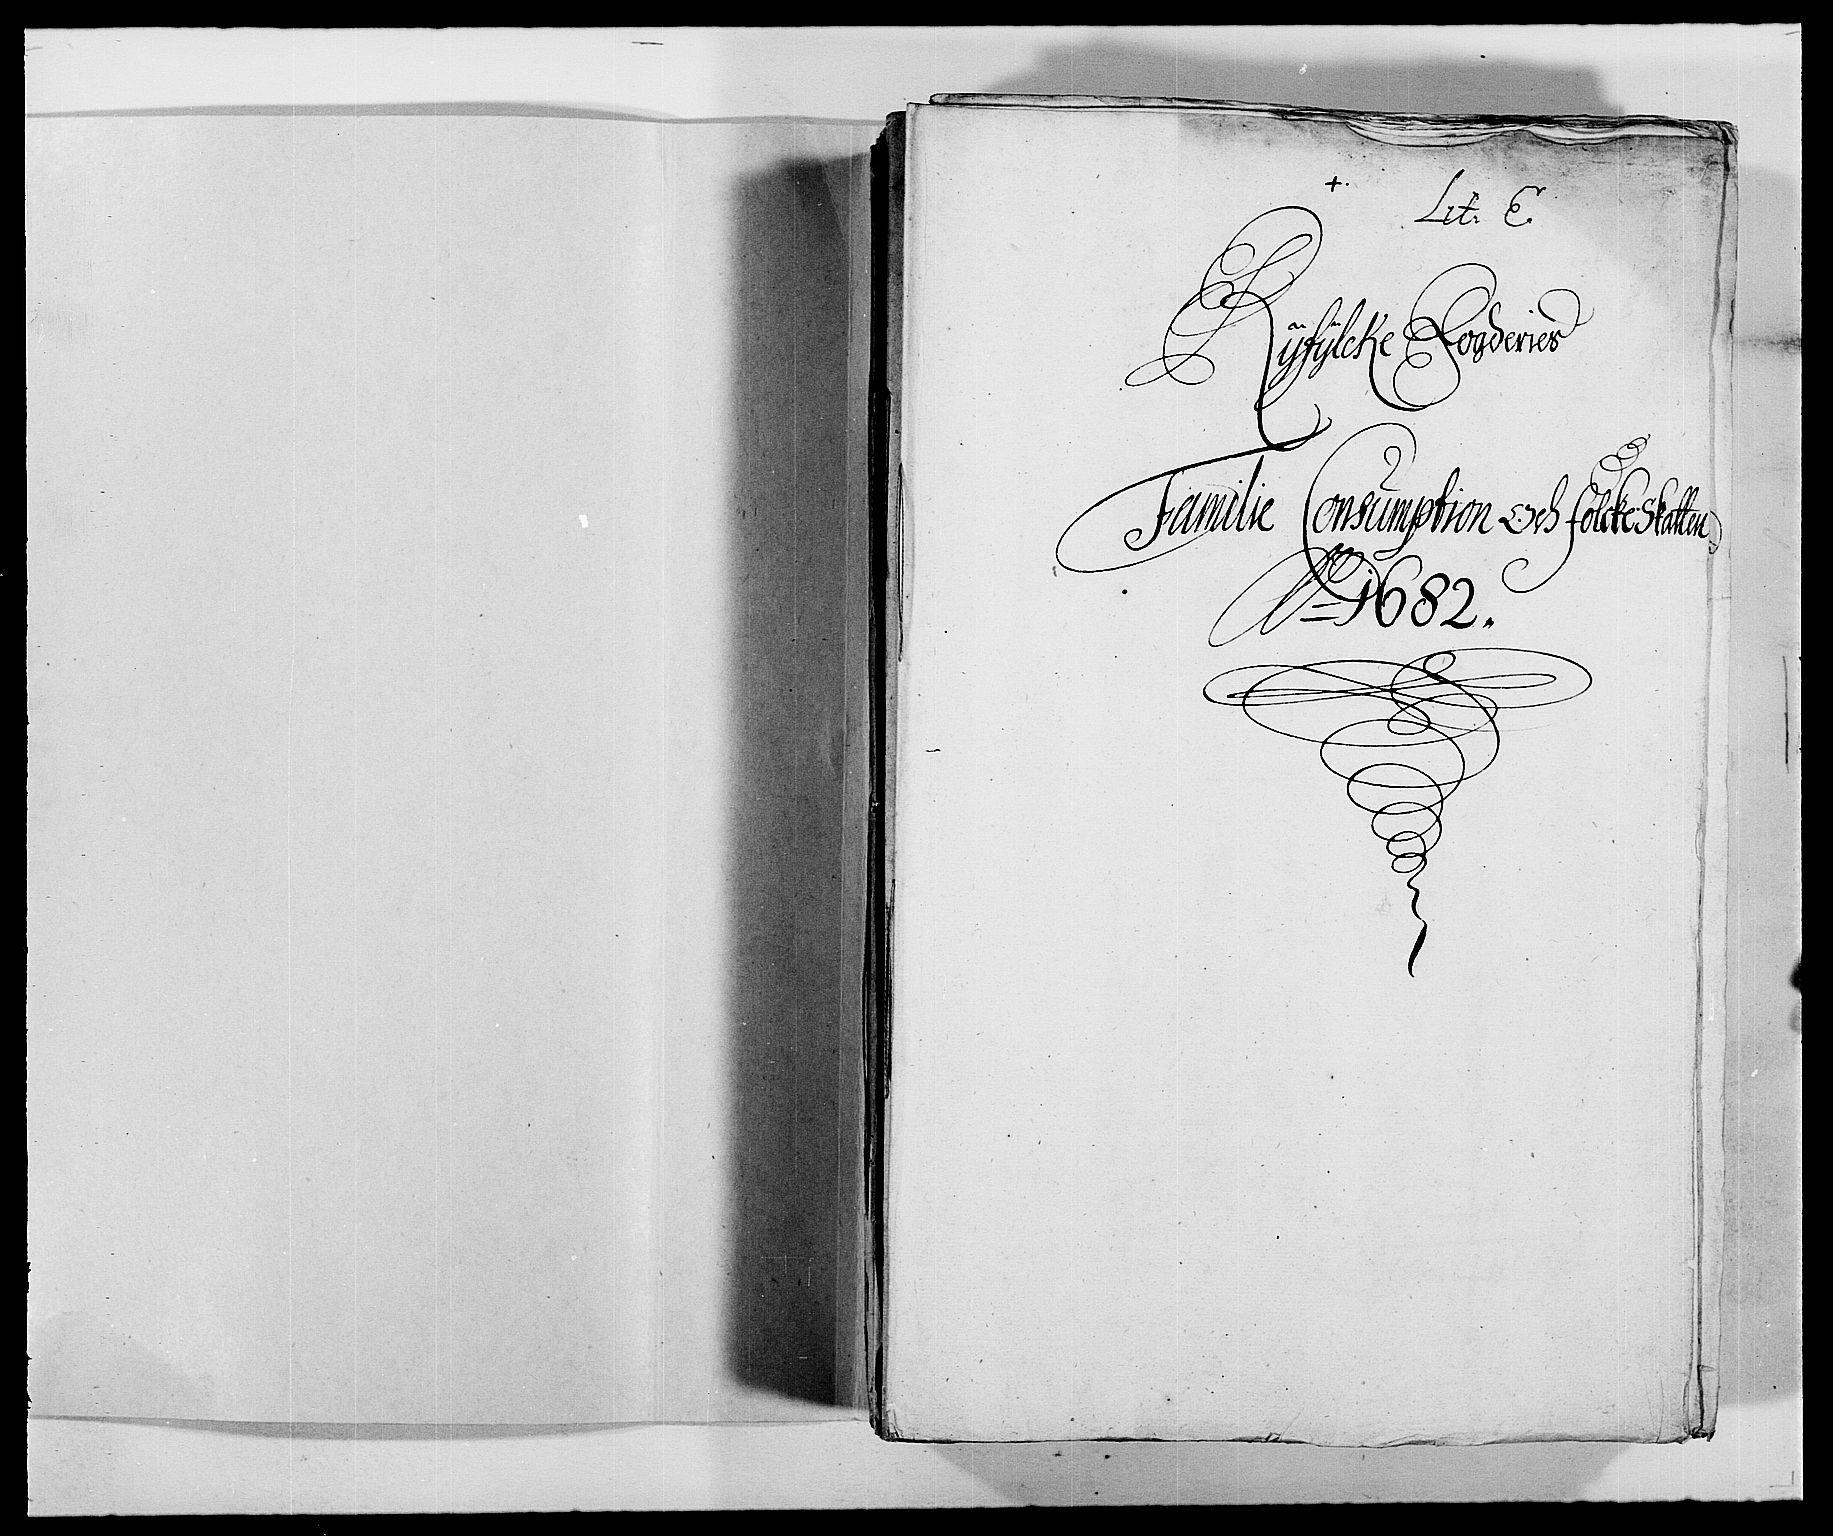 RA, Rentekammeret inntil 1814, Reviderte regnskaper, Fogderegnskap, R47/L2853: Fogderegnskap Ryfylke, 1682-1683, s. 226